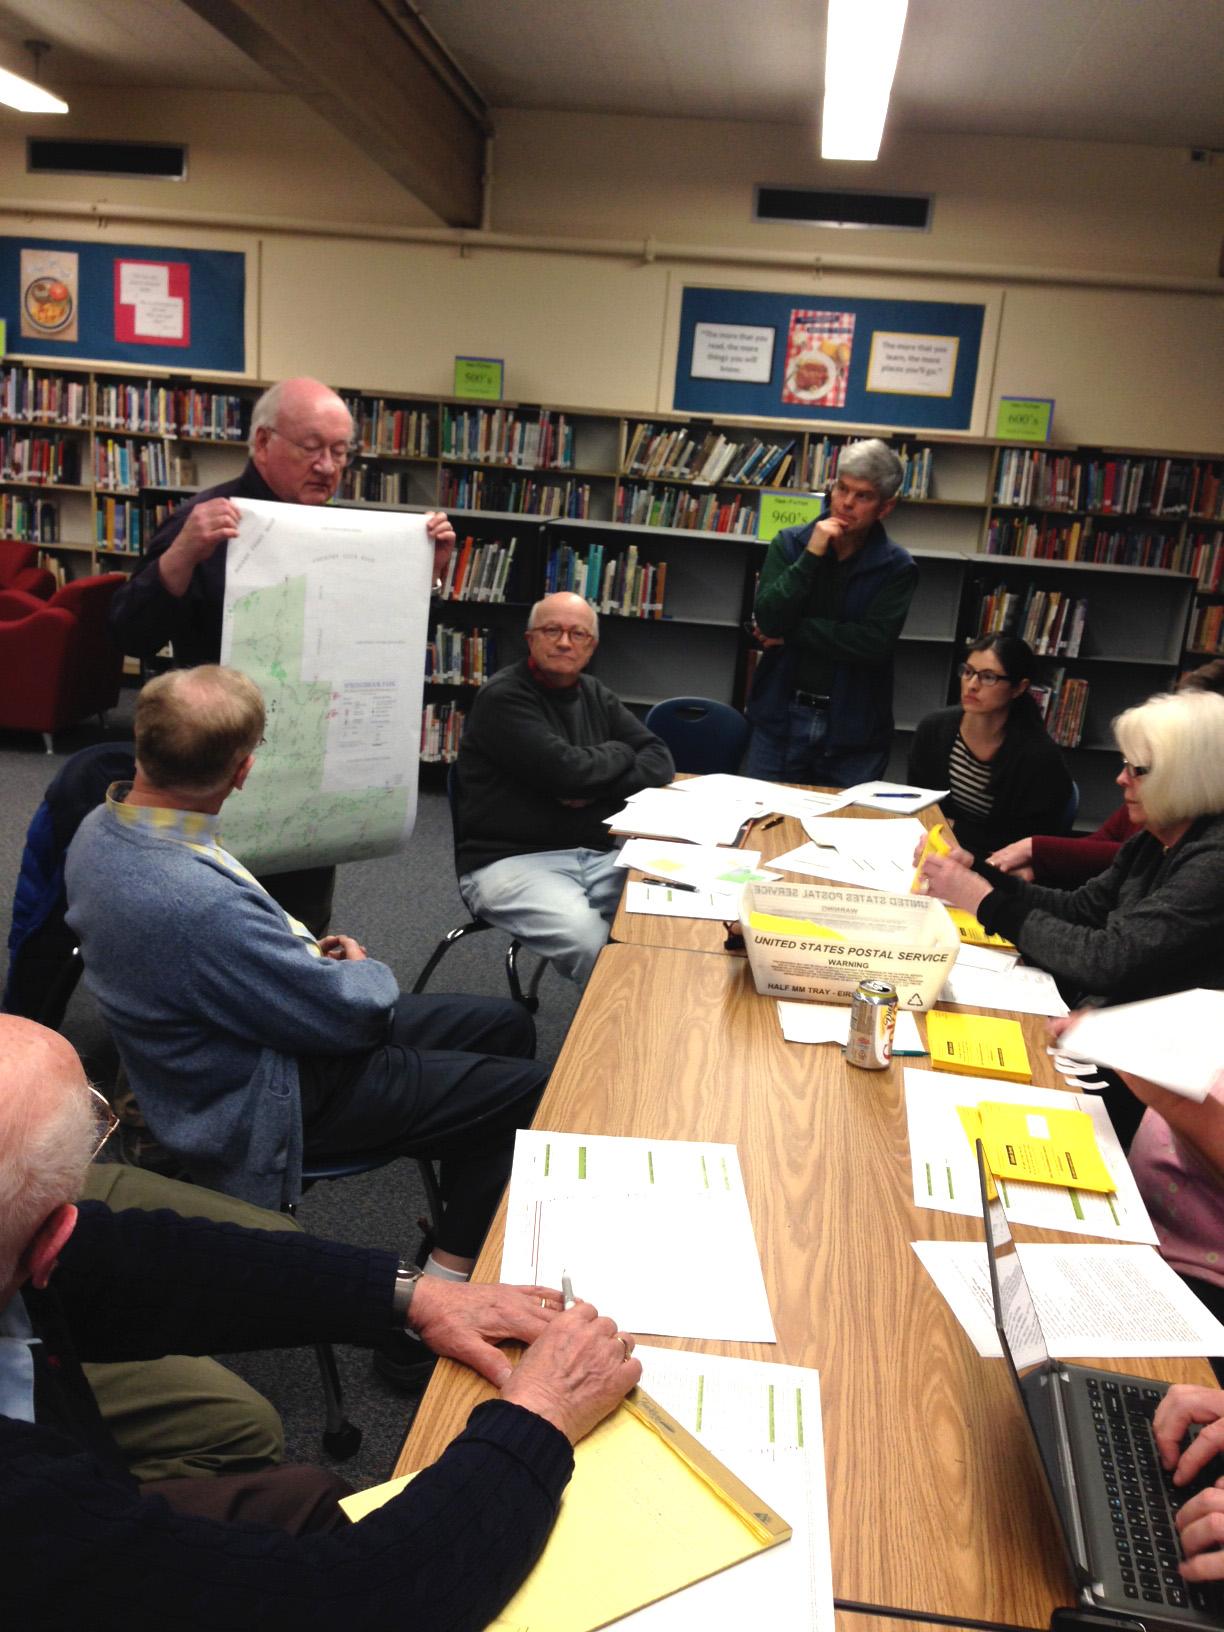 Uplands Neighborhood Board works on the neighborhood plan